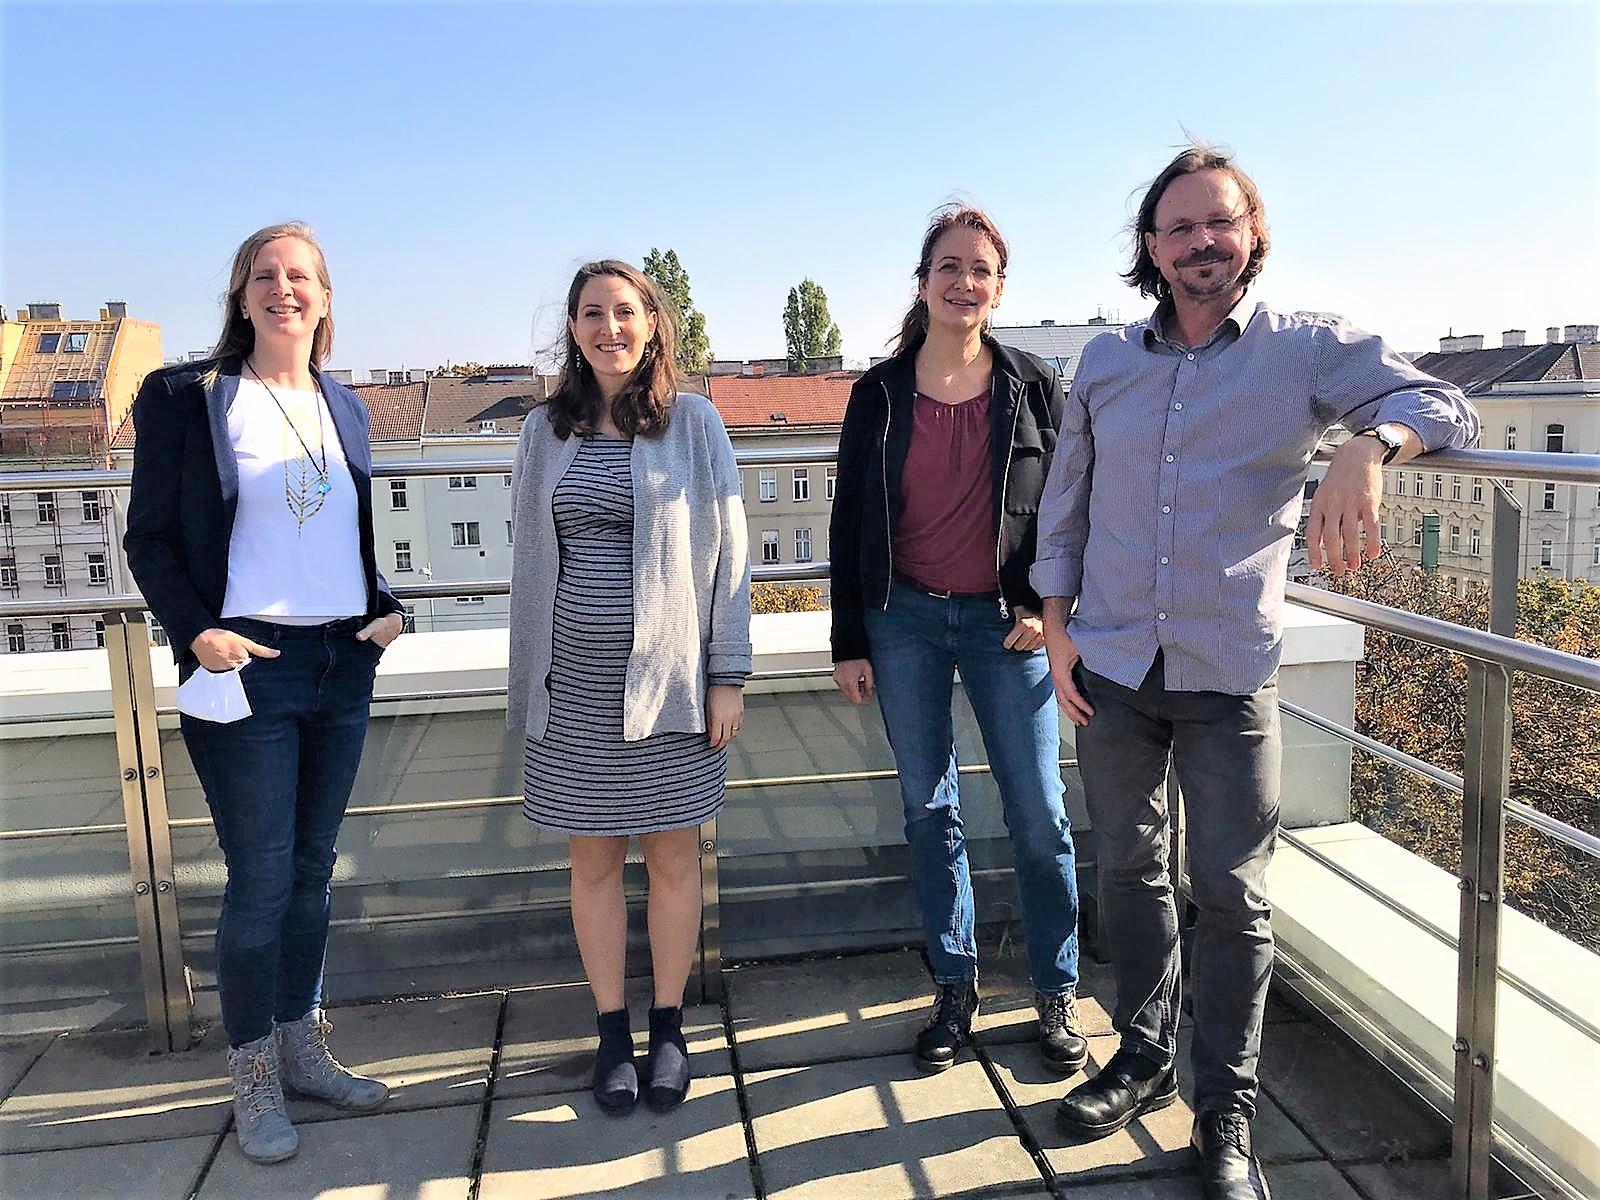 Nach dem Interview zum Lehrpreis: Steffi Bärmann, Felicia Fuchs, Elisabeth Gräf und Roman Kellner (WORT & WEISE) auf der Terrasse der FH Wien der WKW bei herrlich blauem Wetter.